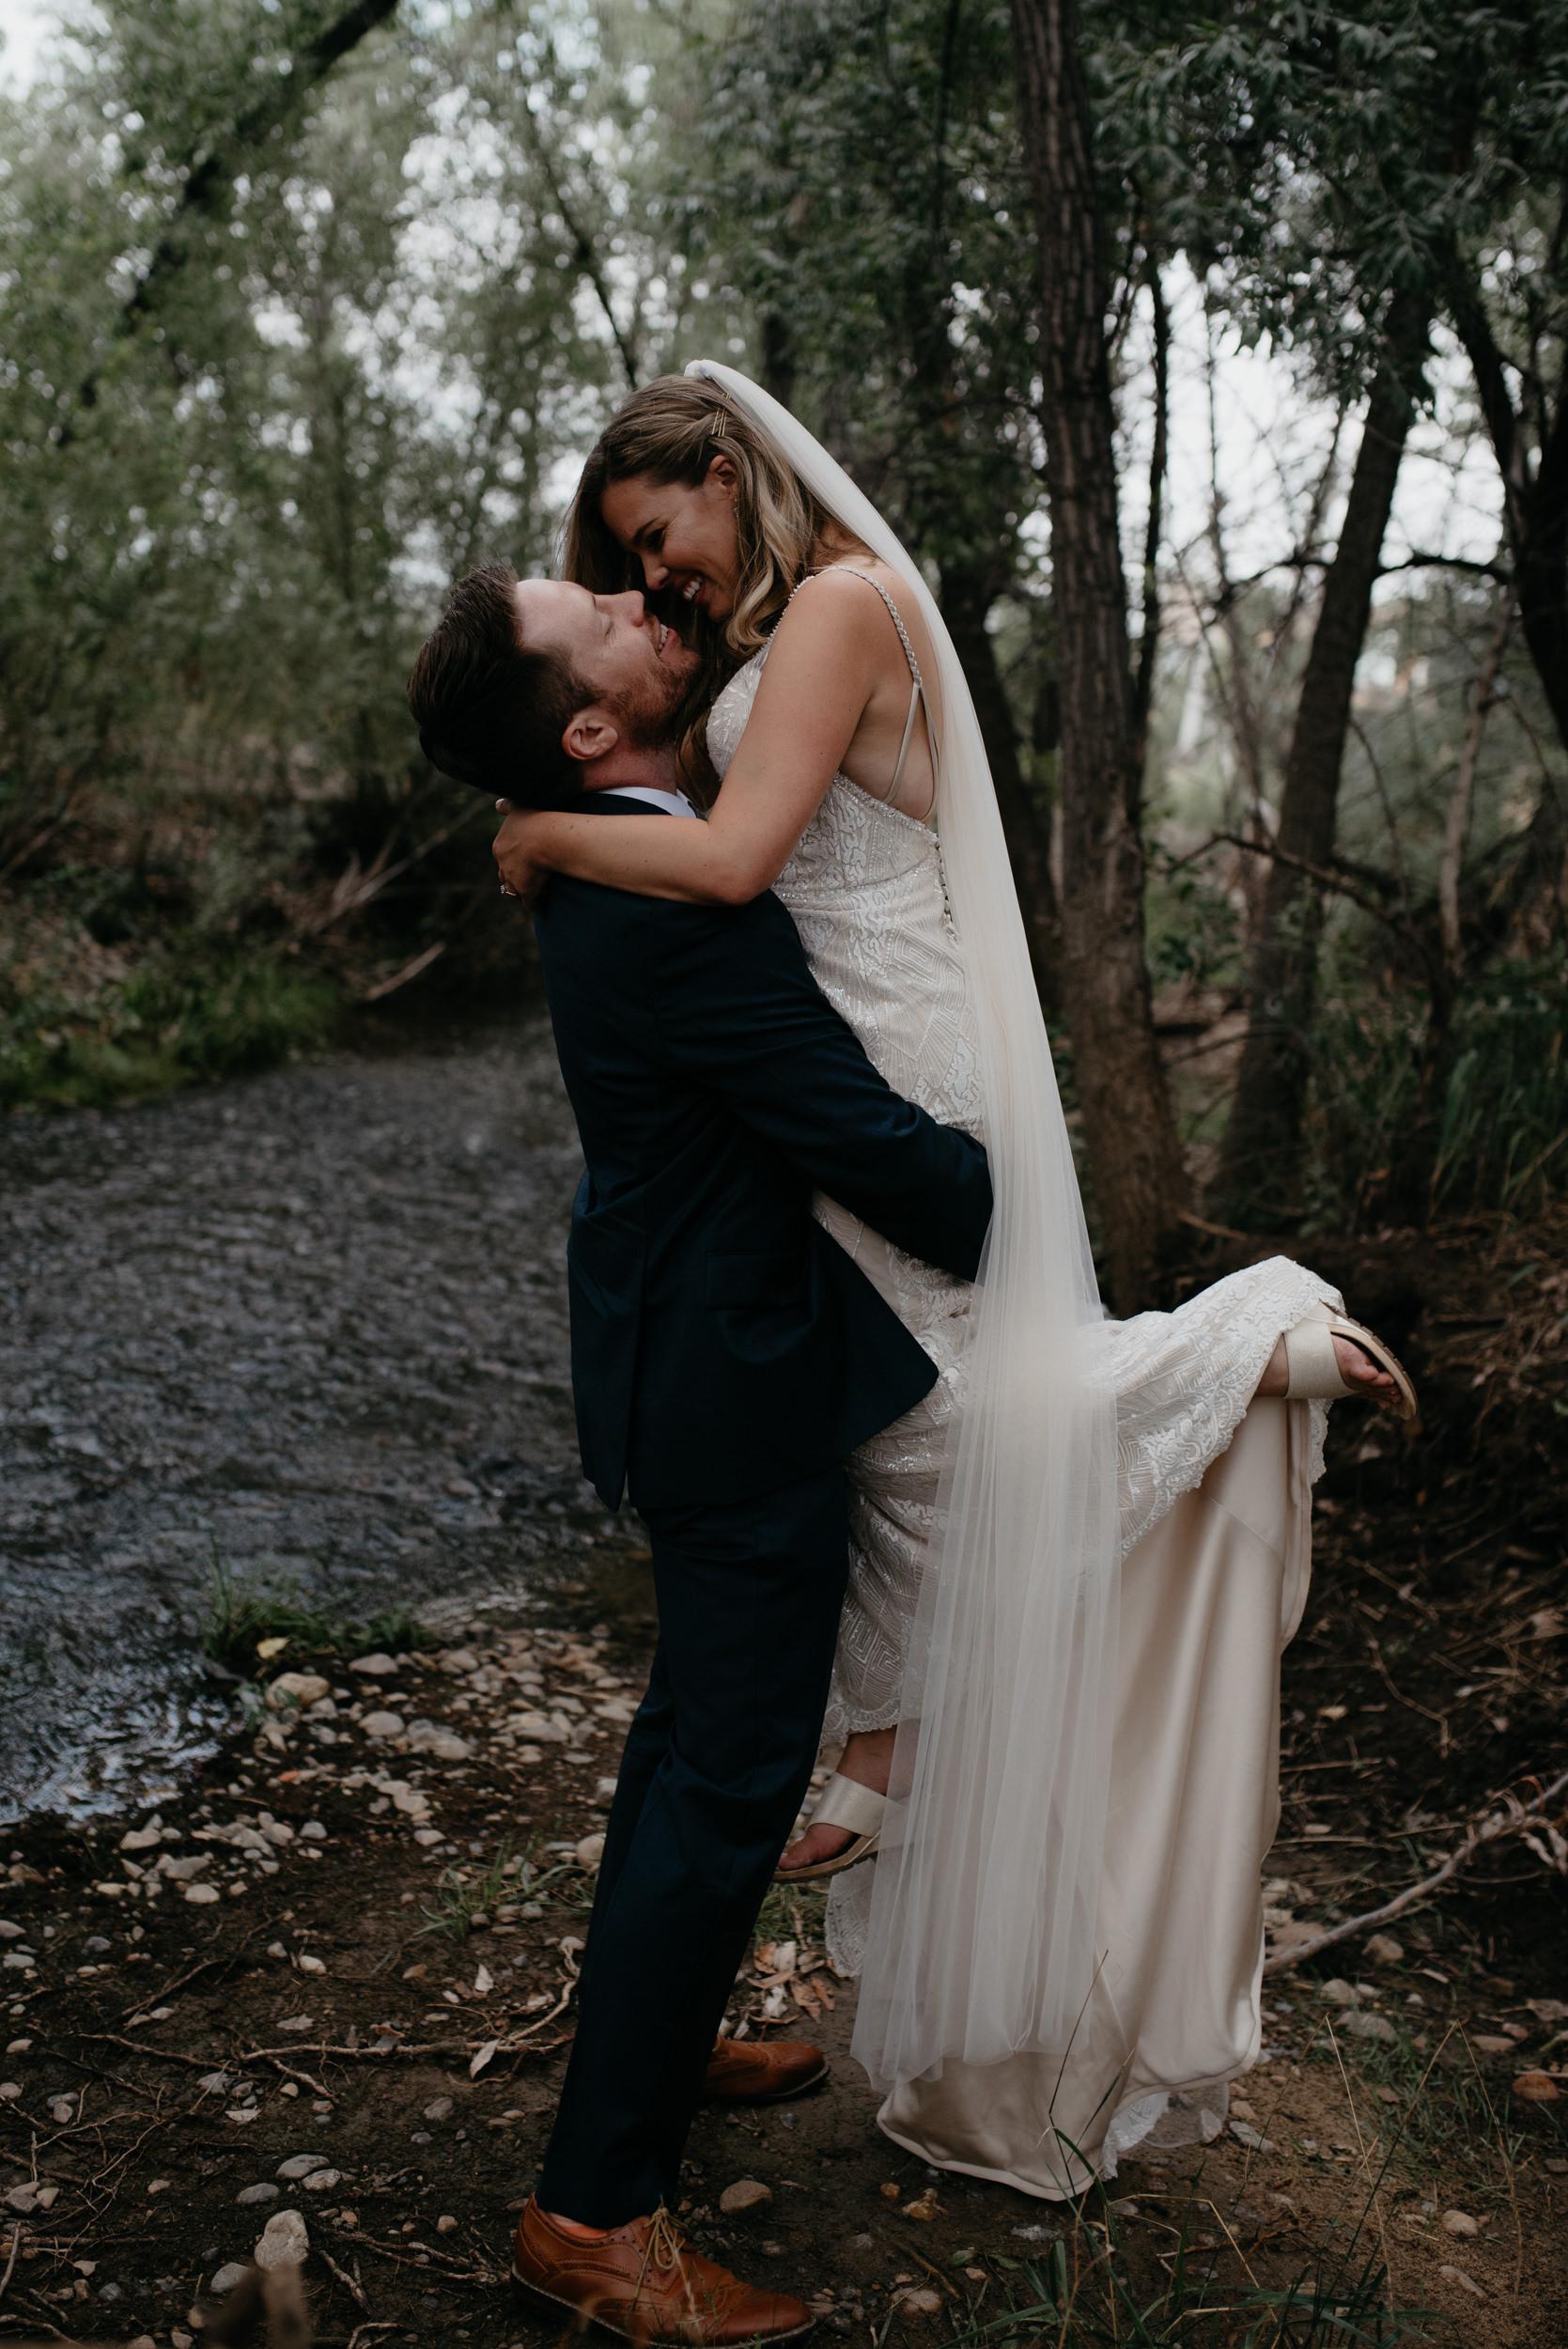 Colorado mountain wedding photographer. Denver, Colorado elopement photographer.